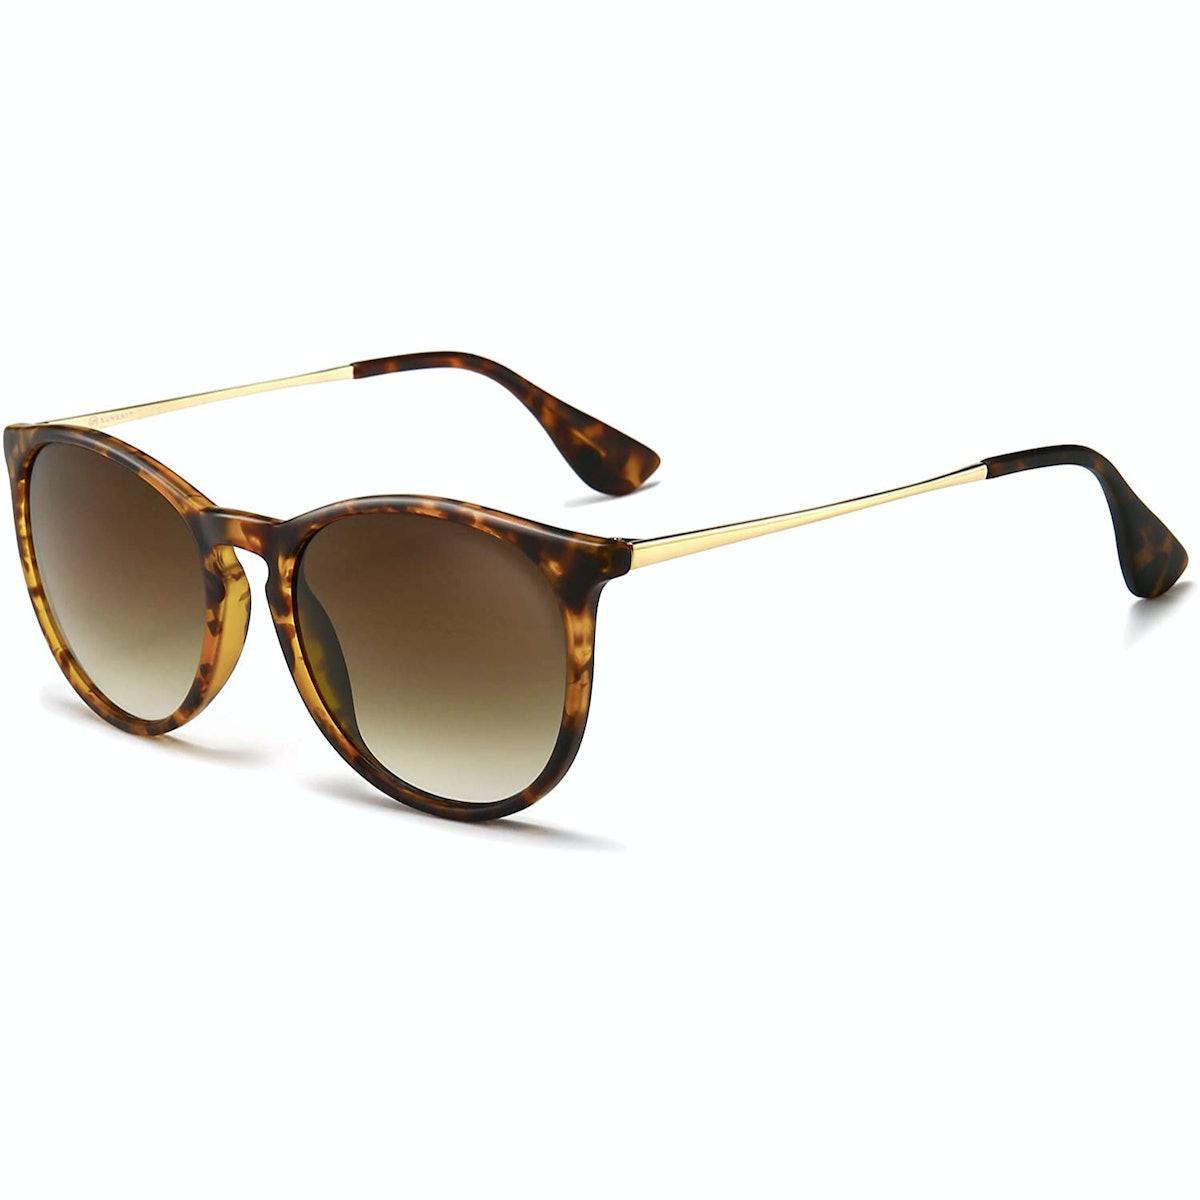 SUNGAIT Retro Round Sunglasses